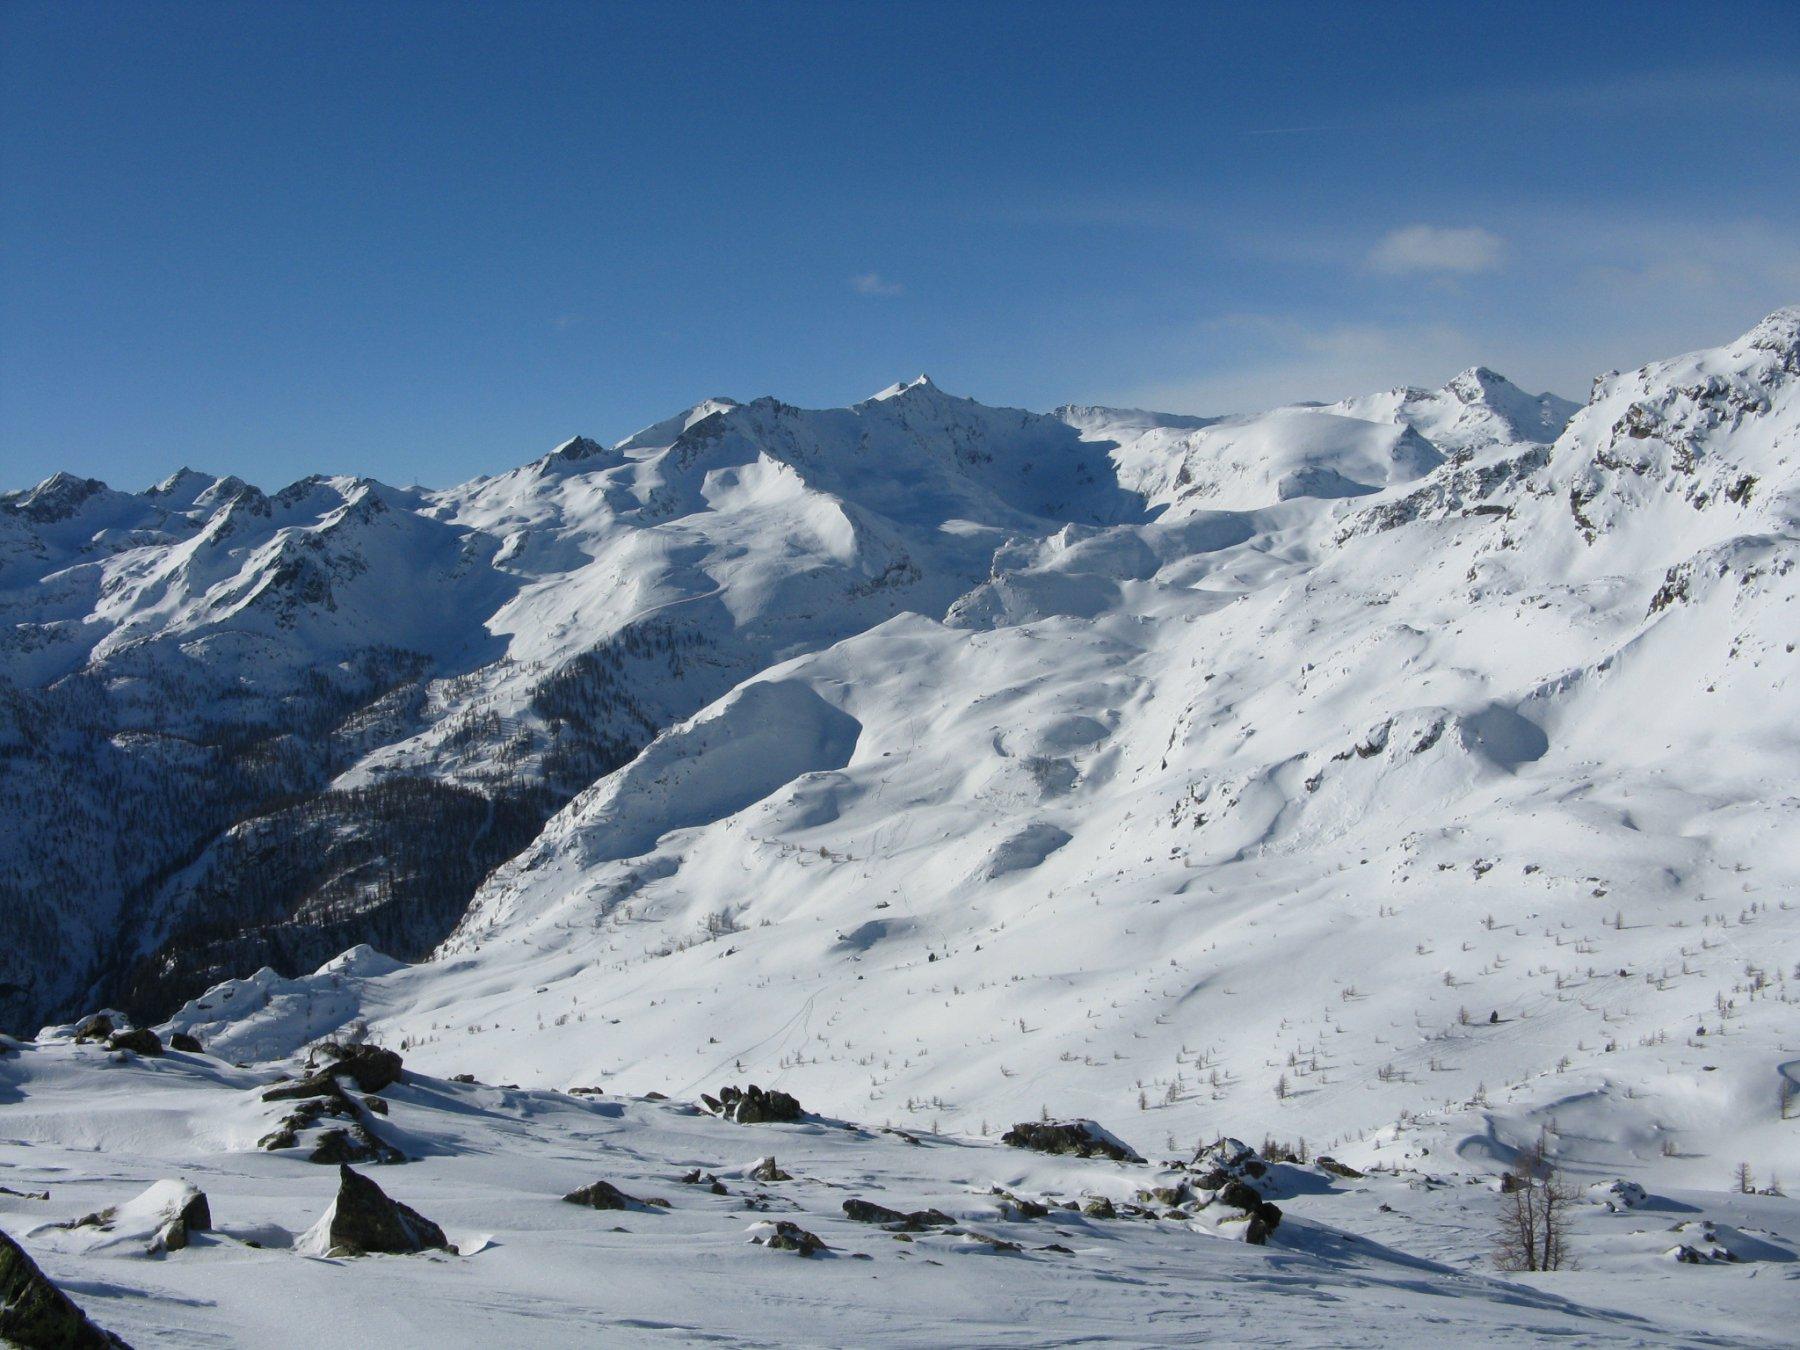 panorama sull'alta valle con il Mont Glacier in vista